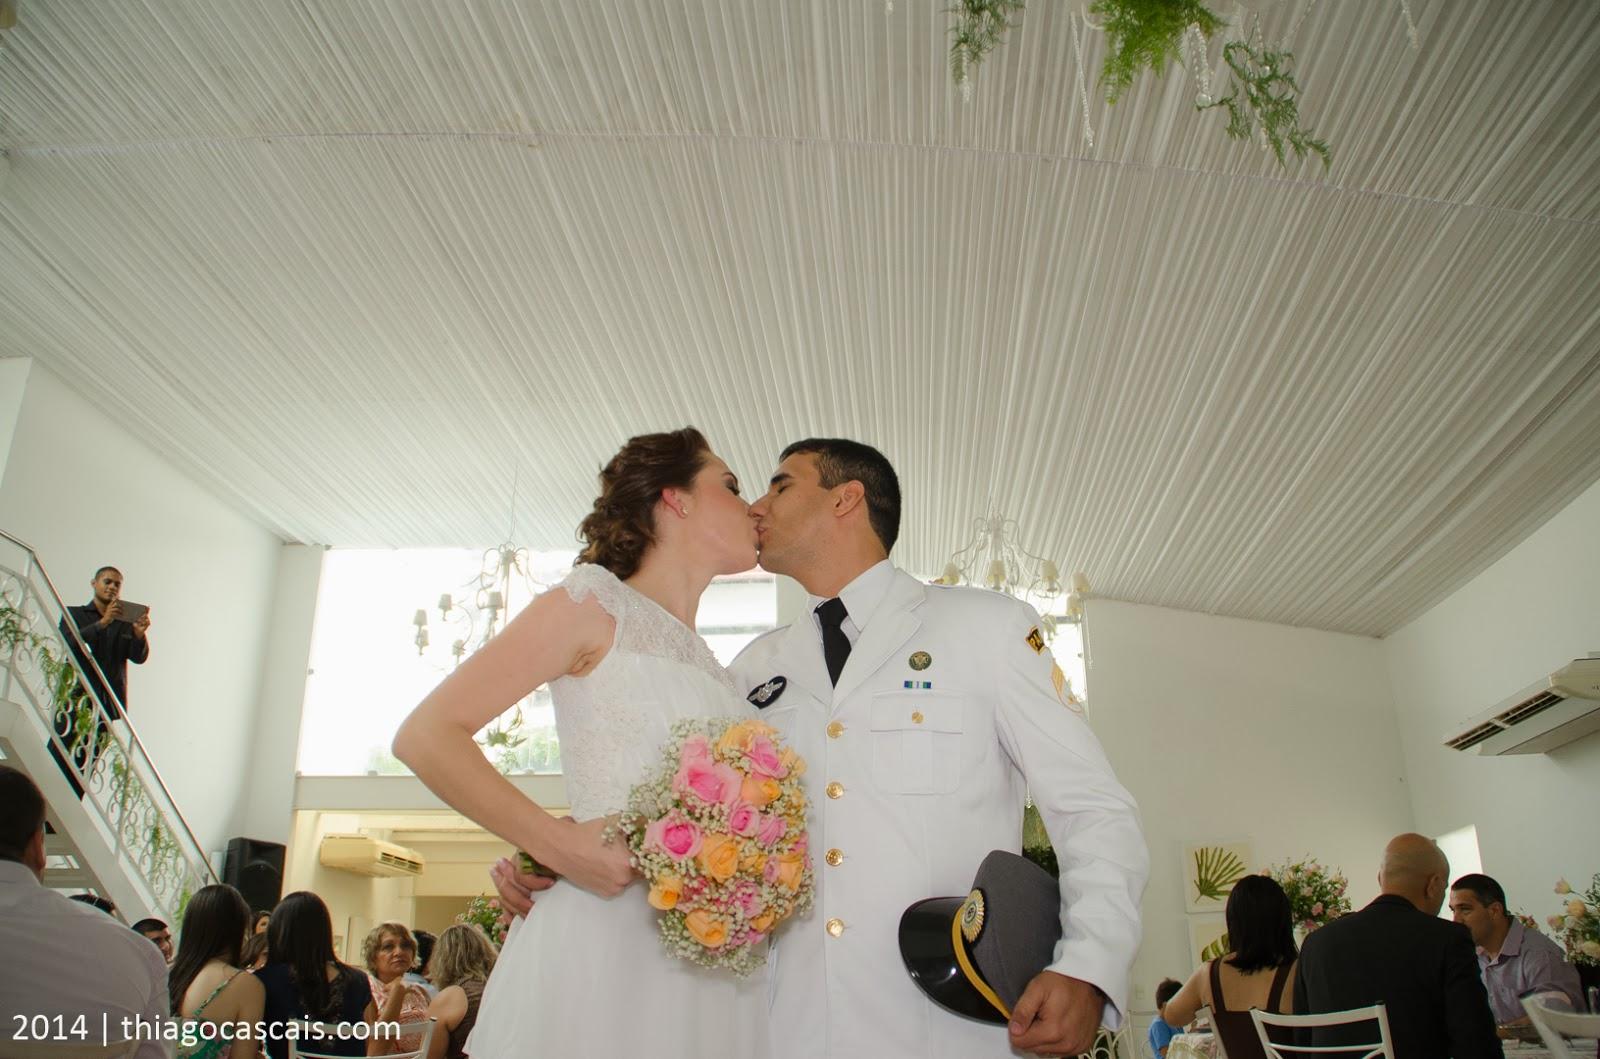 historia-amor-filme-noivos-cerimonia-beijo